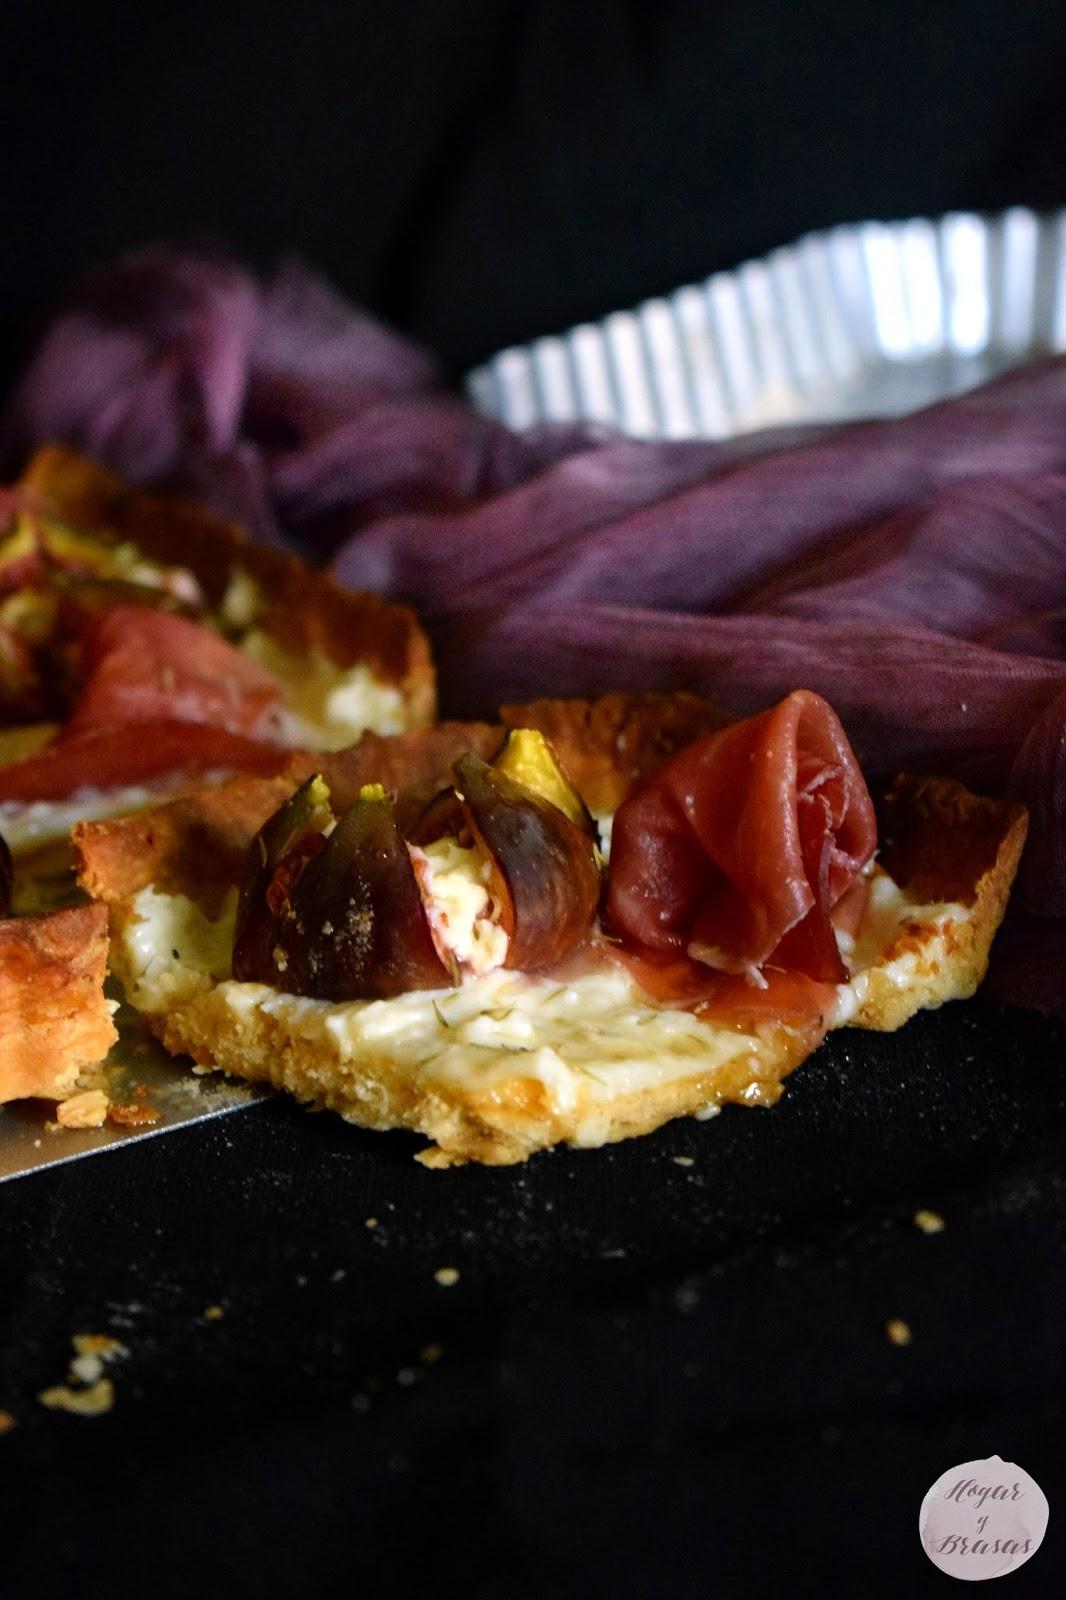 Tarta con masa Sablé con piñones cubierta de quesos e higos frescos bañada con miel.